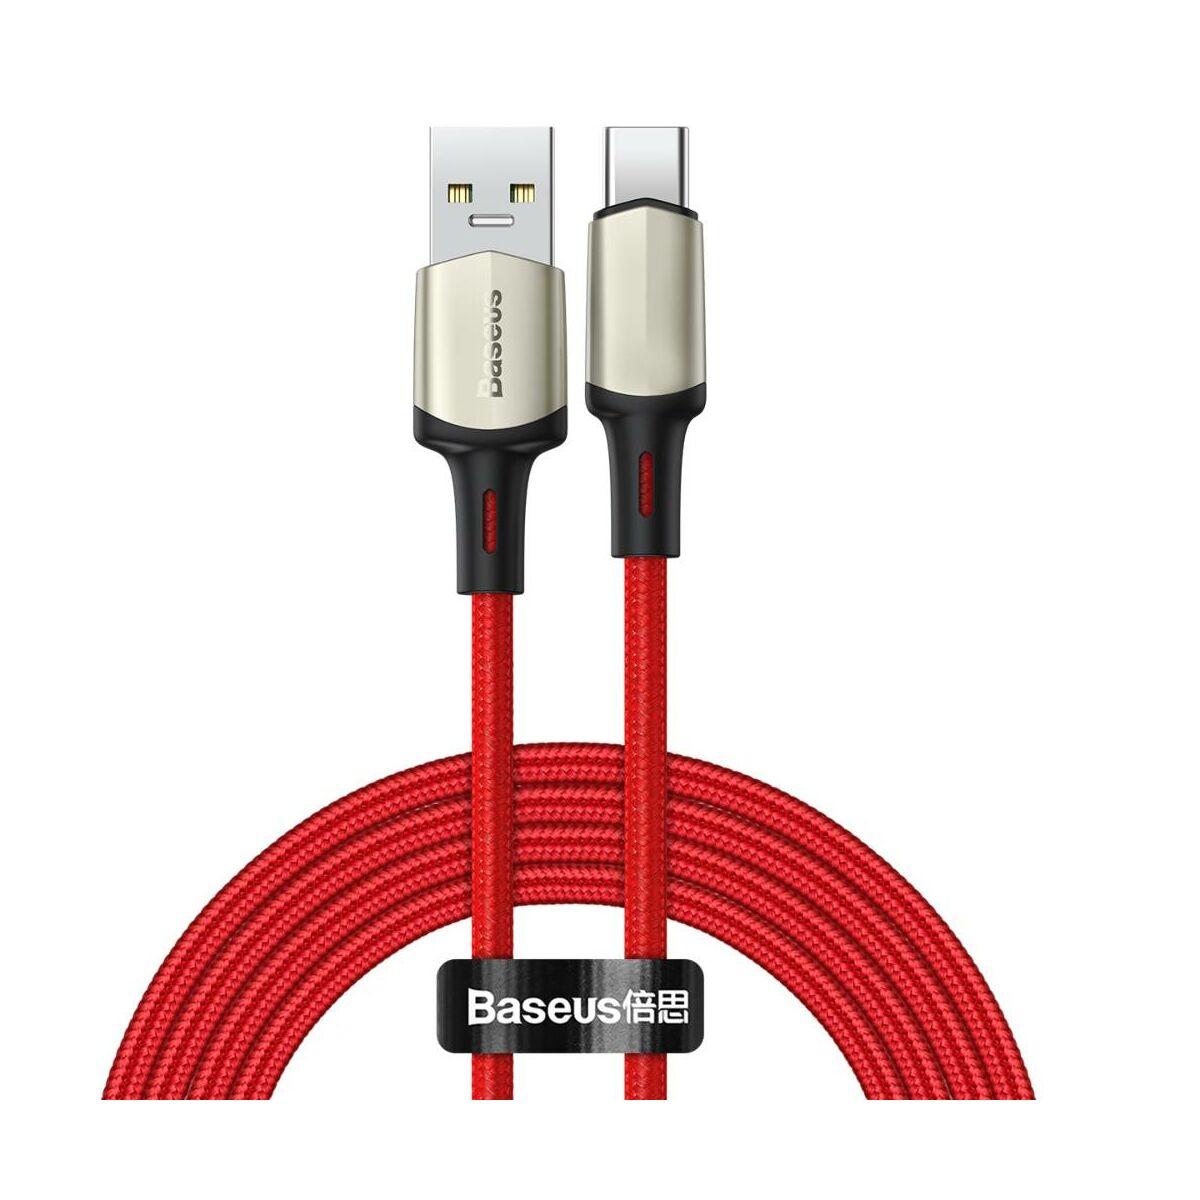 Baseus Type-C kábel Cafule (VOOC támogatás) 480 Mbps adatátviteli sebesség, 5A, 2m, piros (CATKLF-VB09)